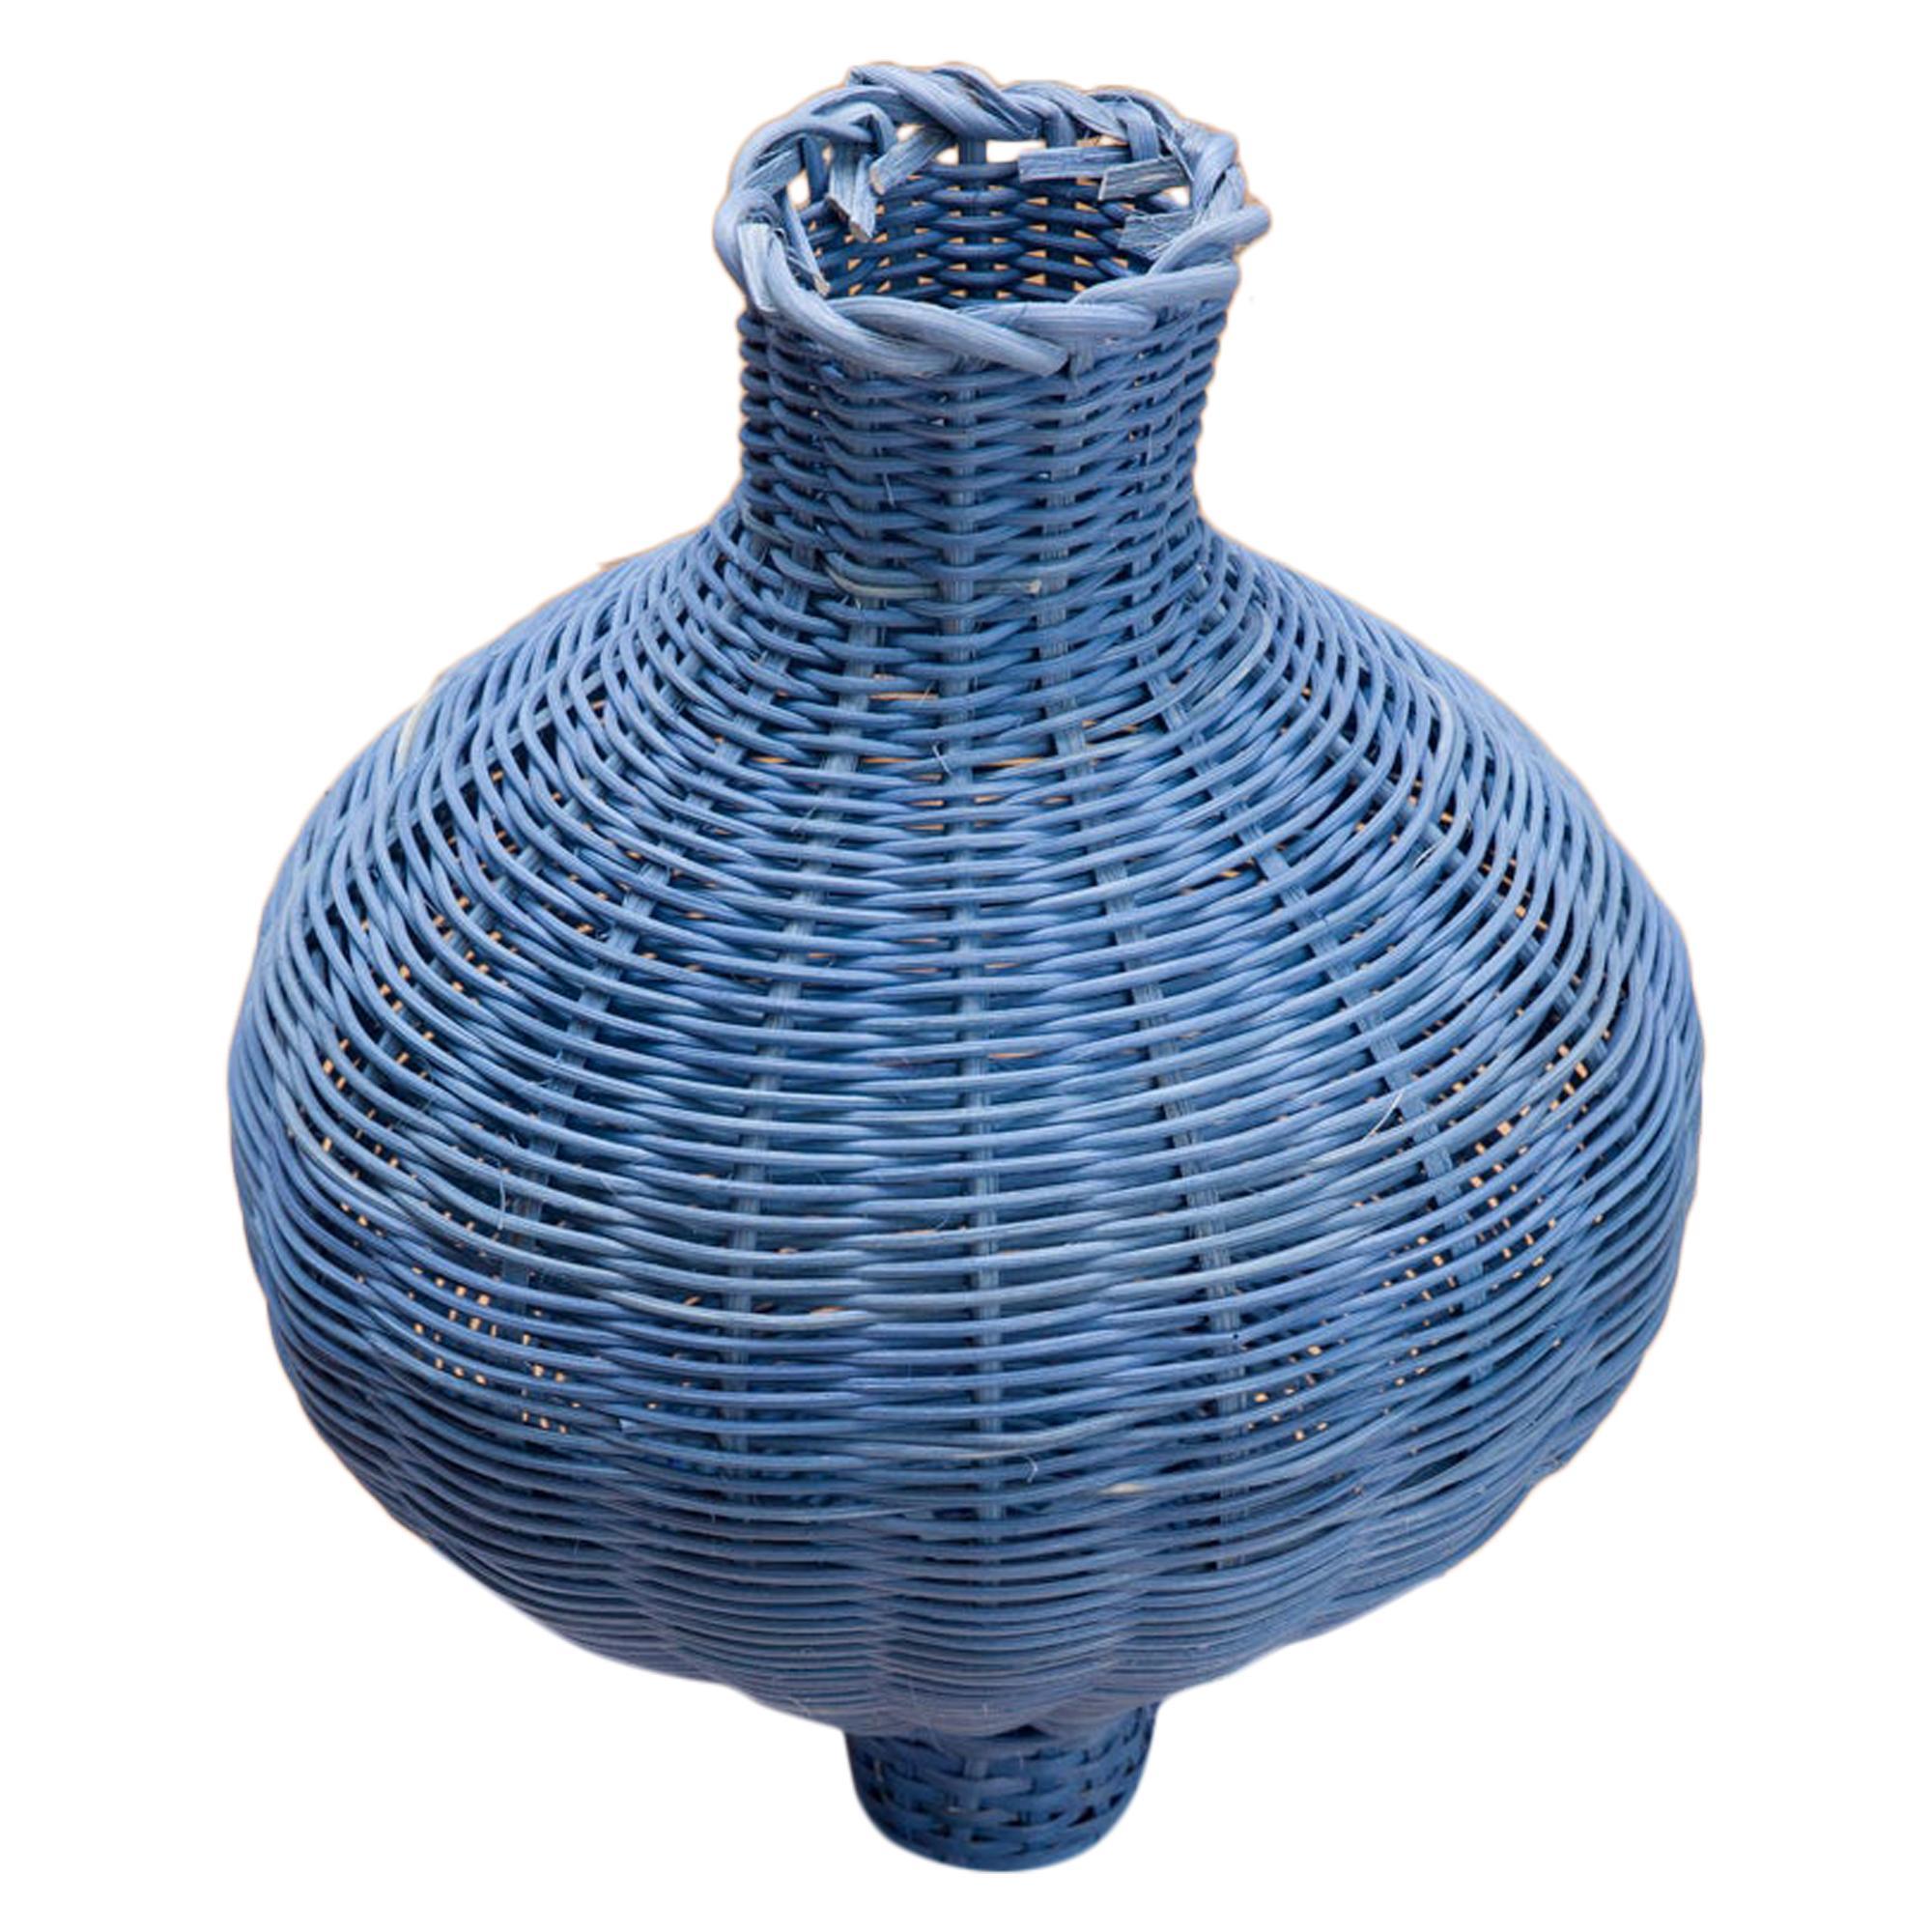 Amphora Vase Woven in Denim by Studio Herron